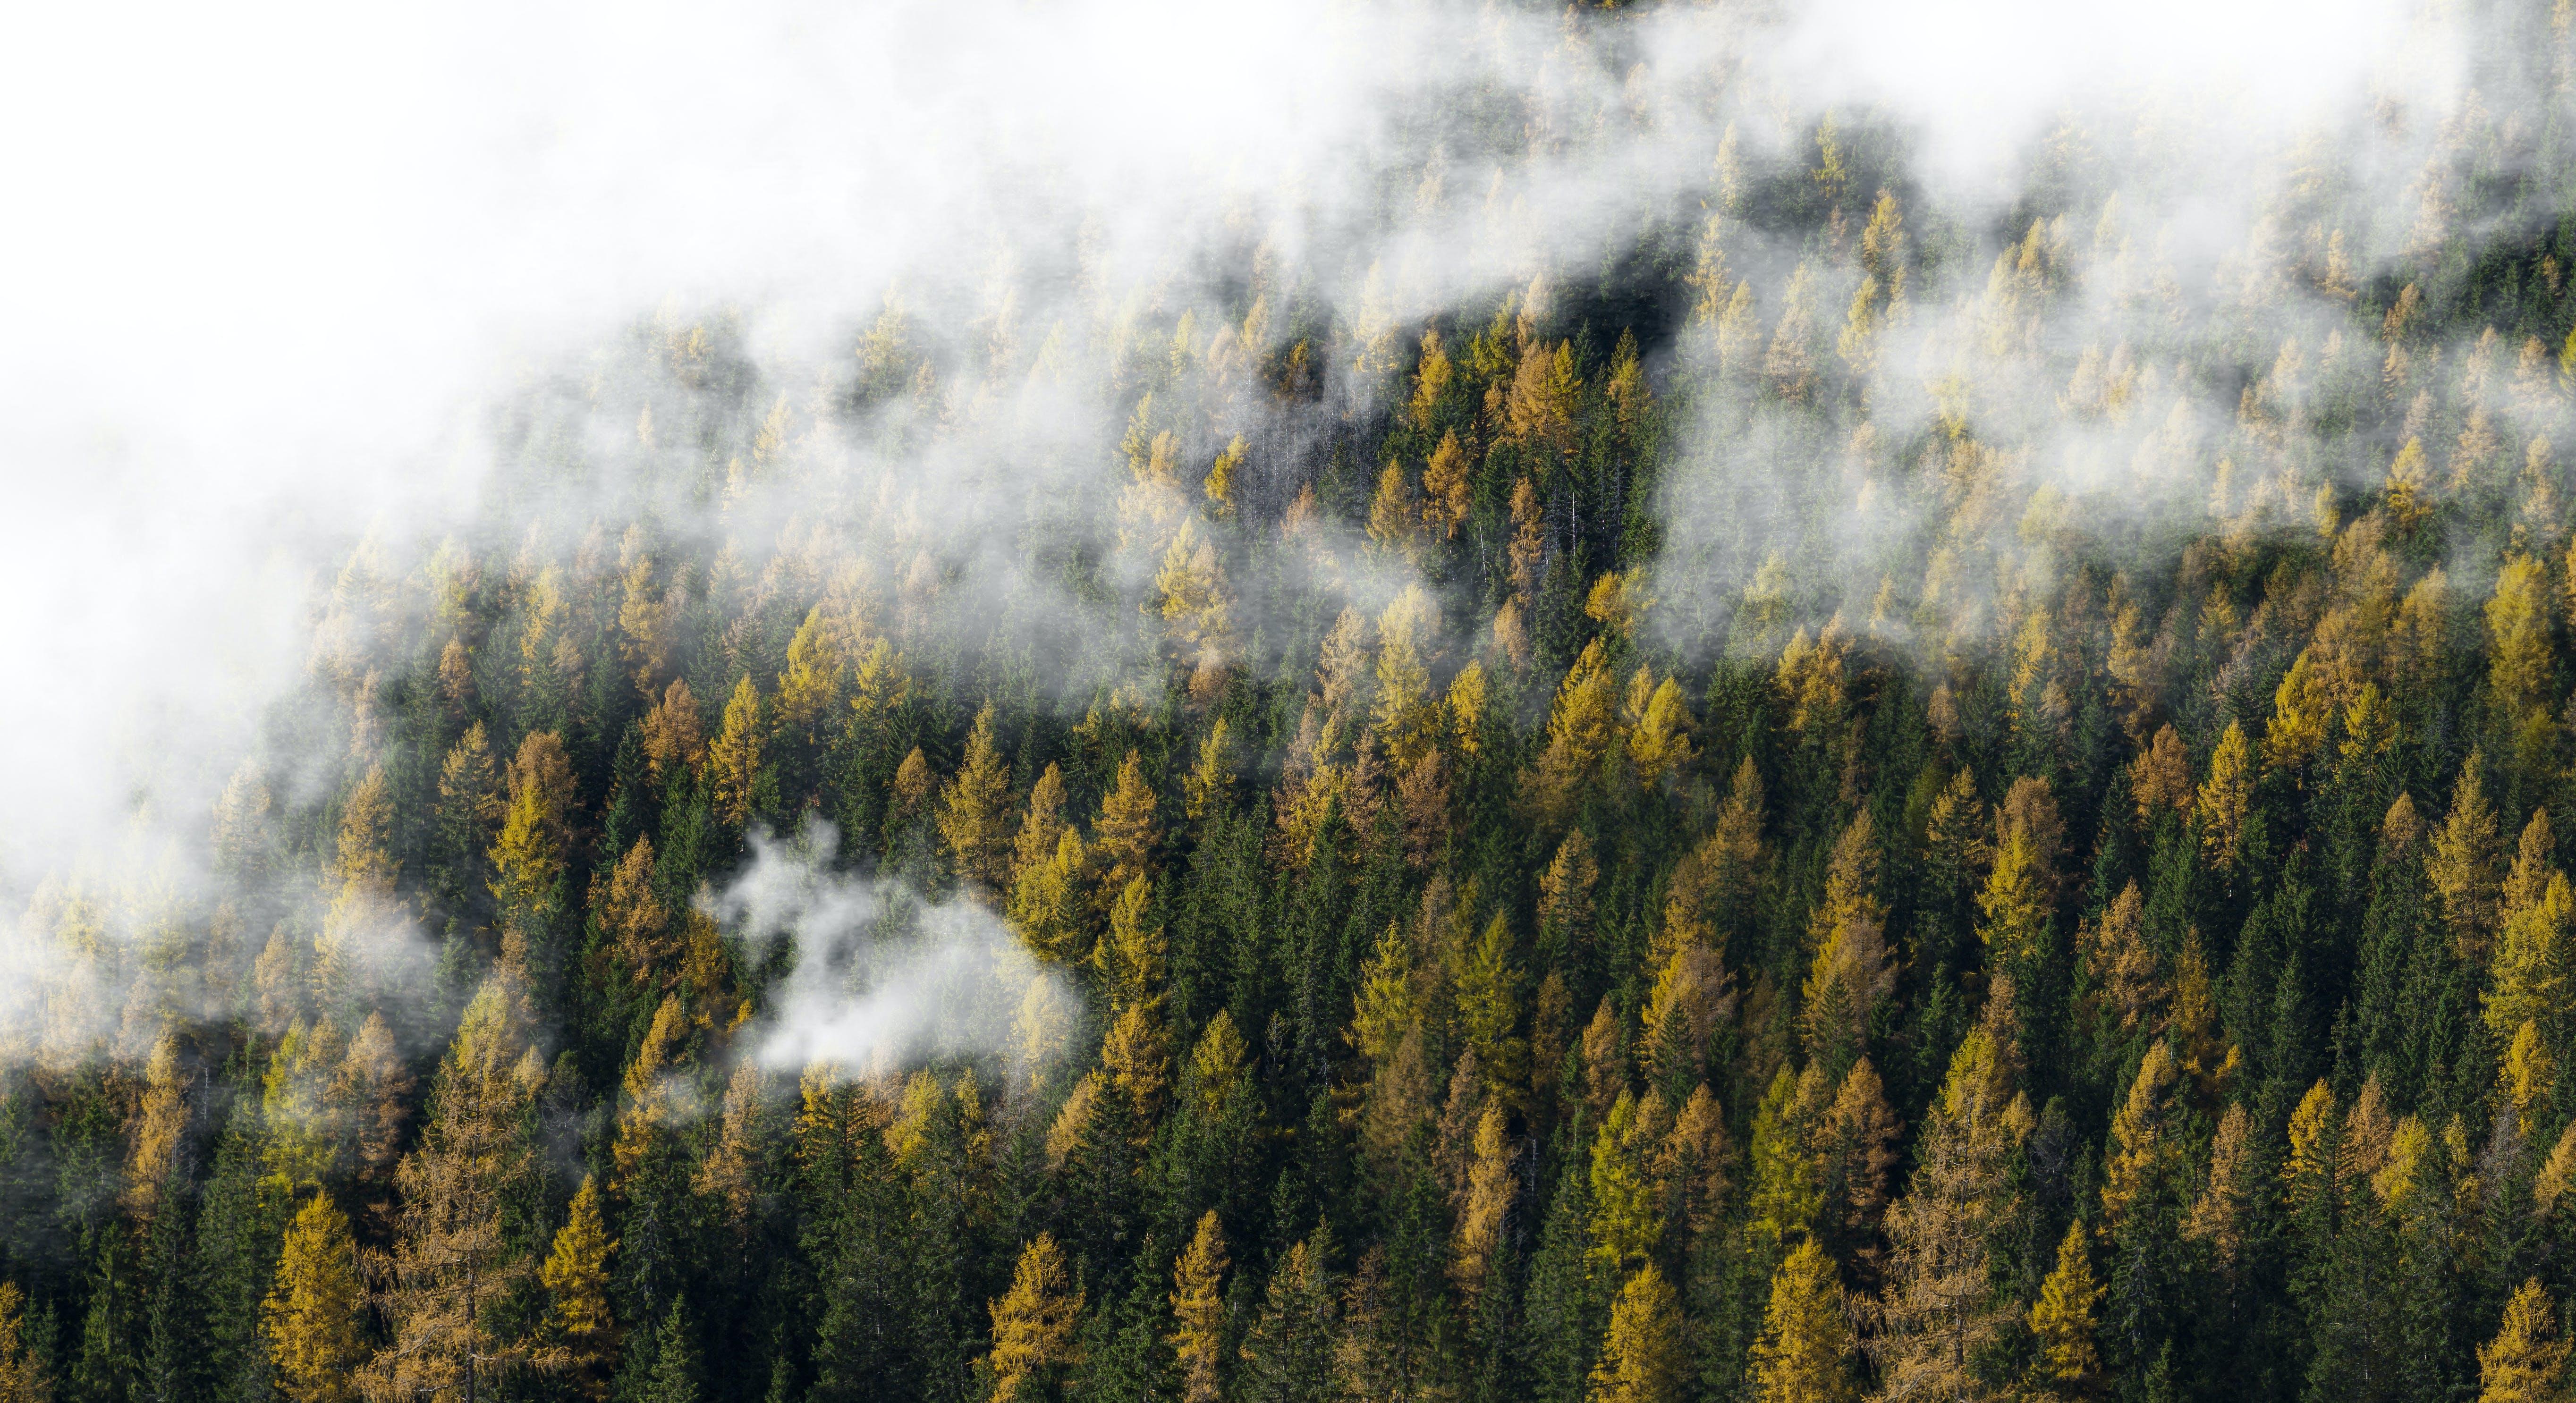 Kostenloses Stock Foto zu natur, wolken, wald, bäume